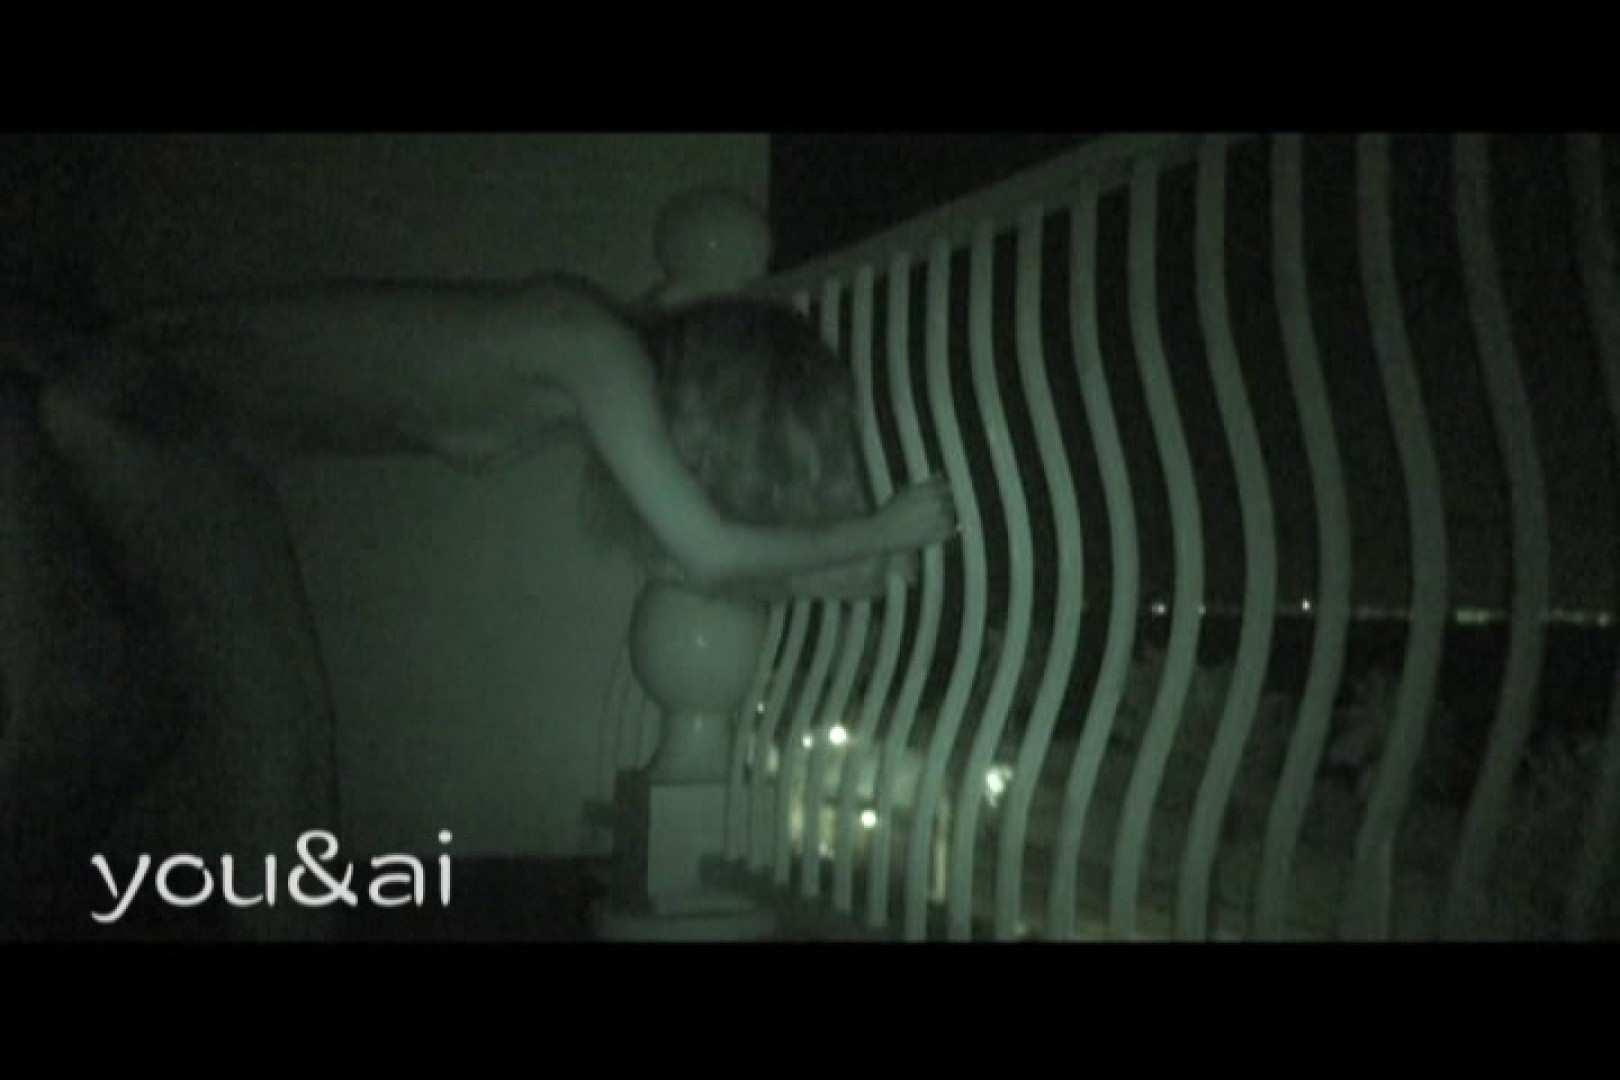 おしどり夫婦のyou&aiさん投稿作品vol.12 ホテル 性交動画流出 81枚 79